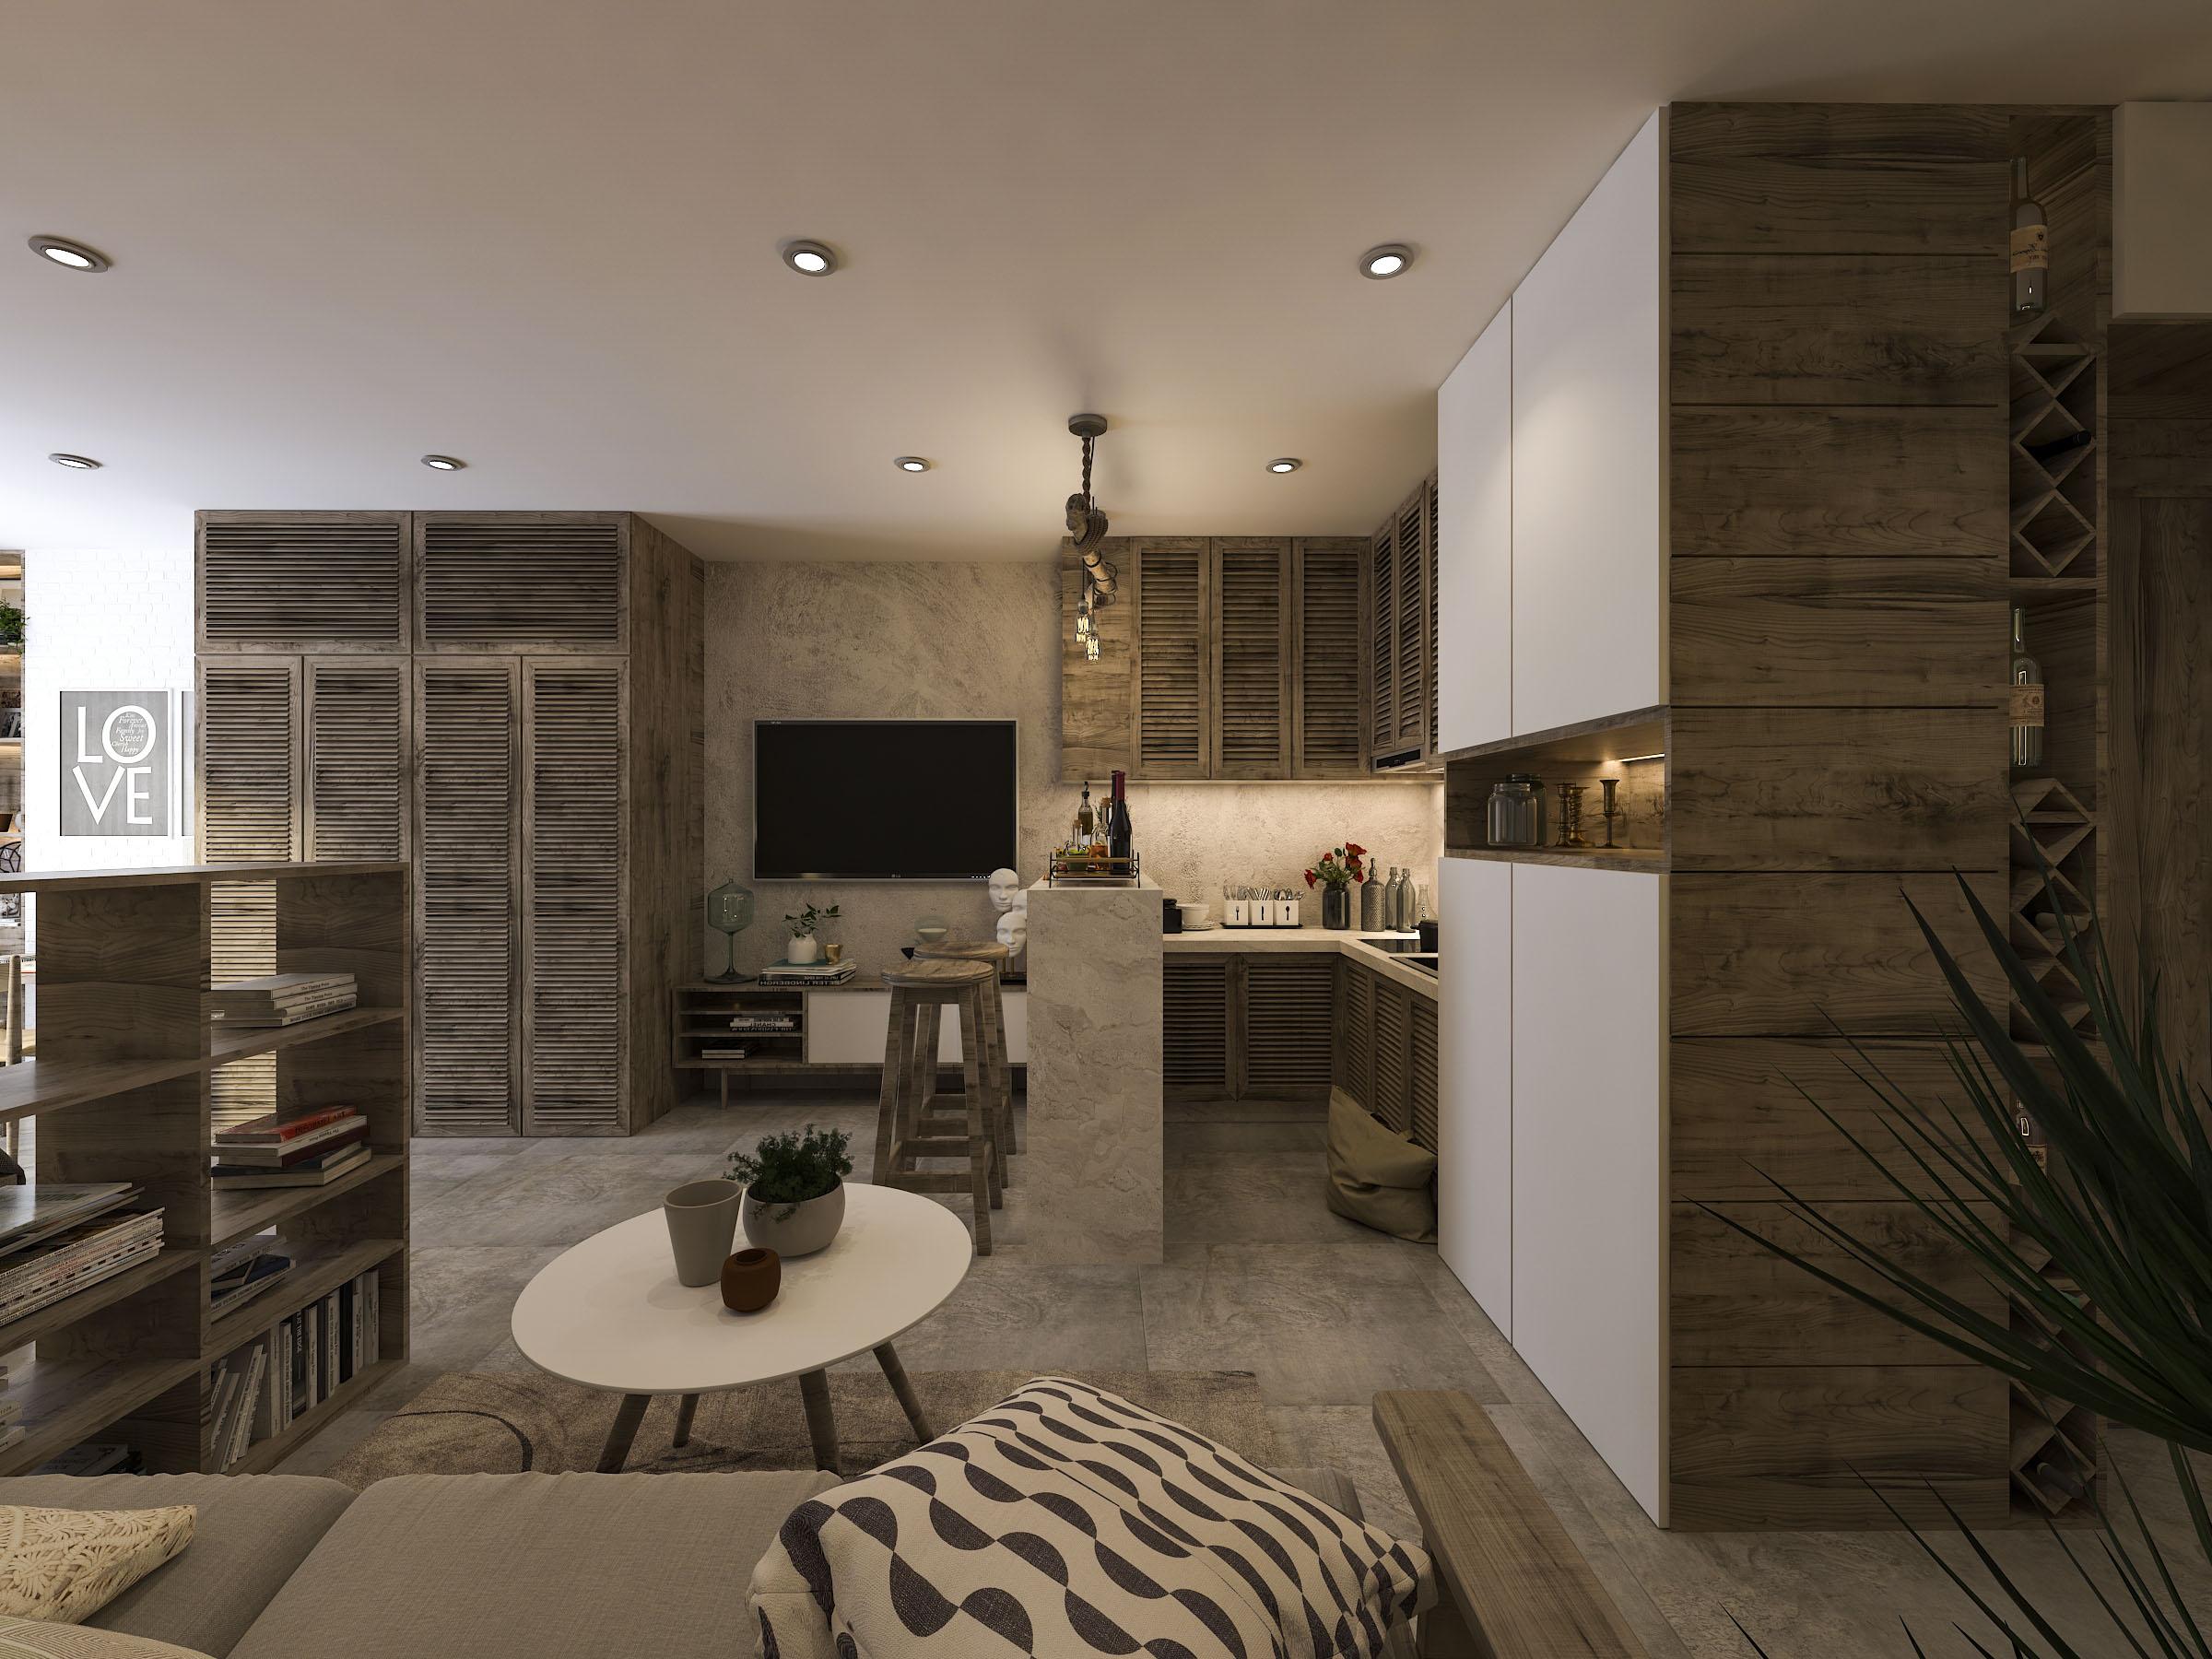 thiết kế nội thất chung cư tại Hồ Chí Minh Mr. Nam Apartment 3 1562984052